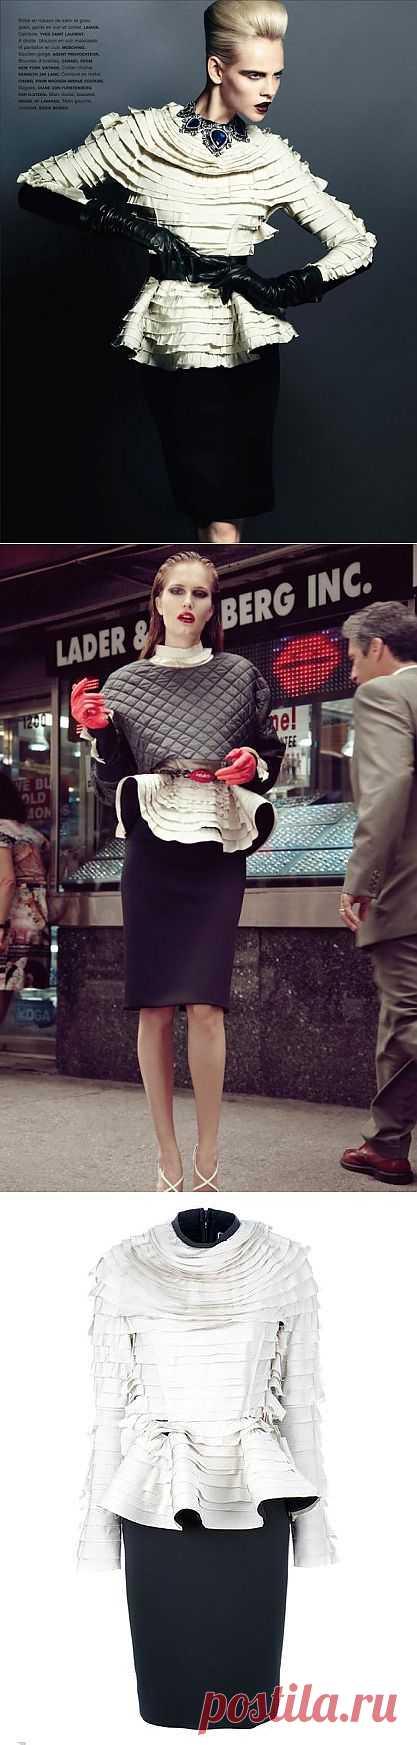 Платье Lanvin / Платья Diy / Модный сайт о стильной переделке одежды и интерьера